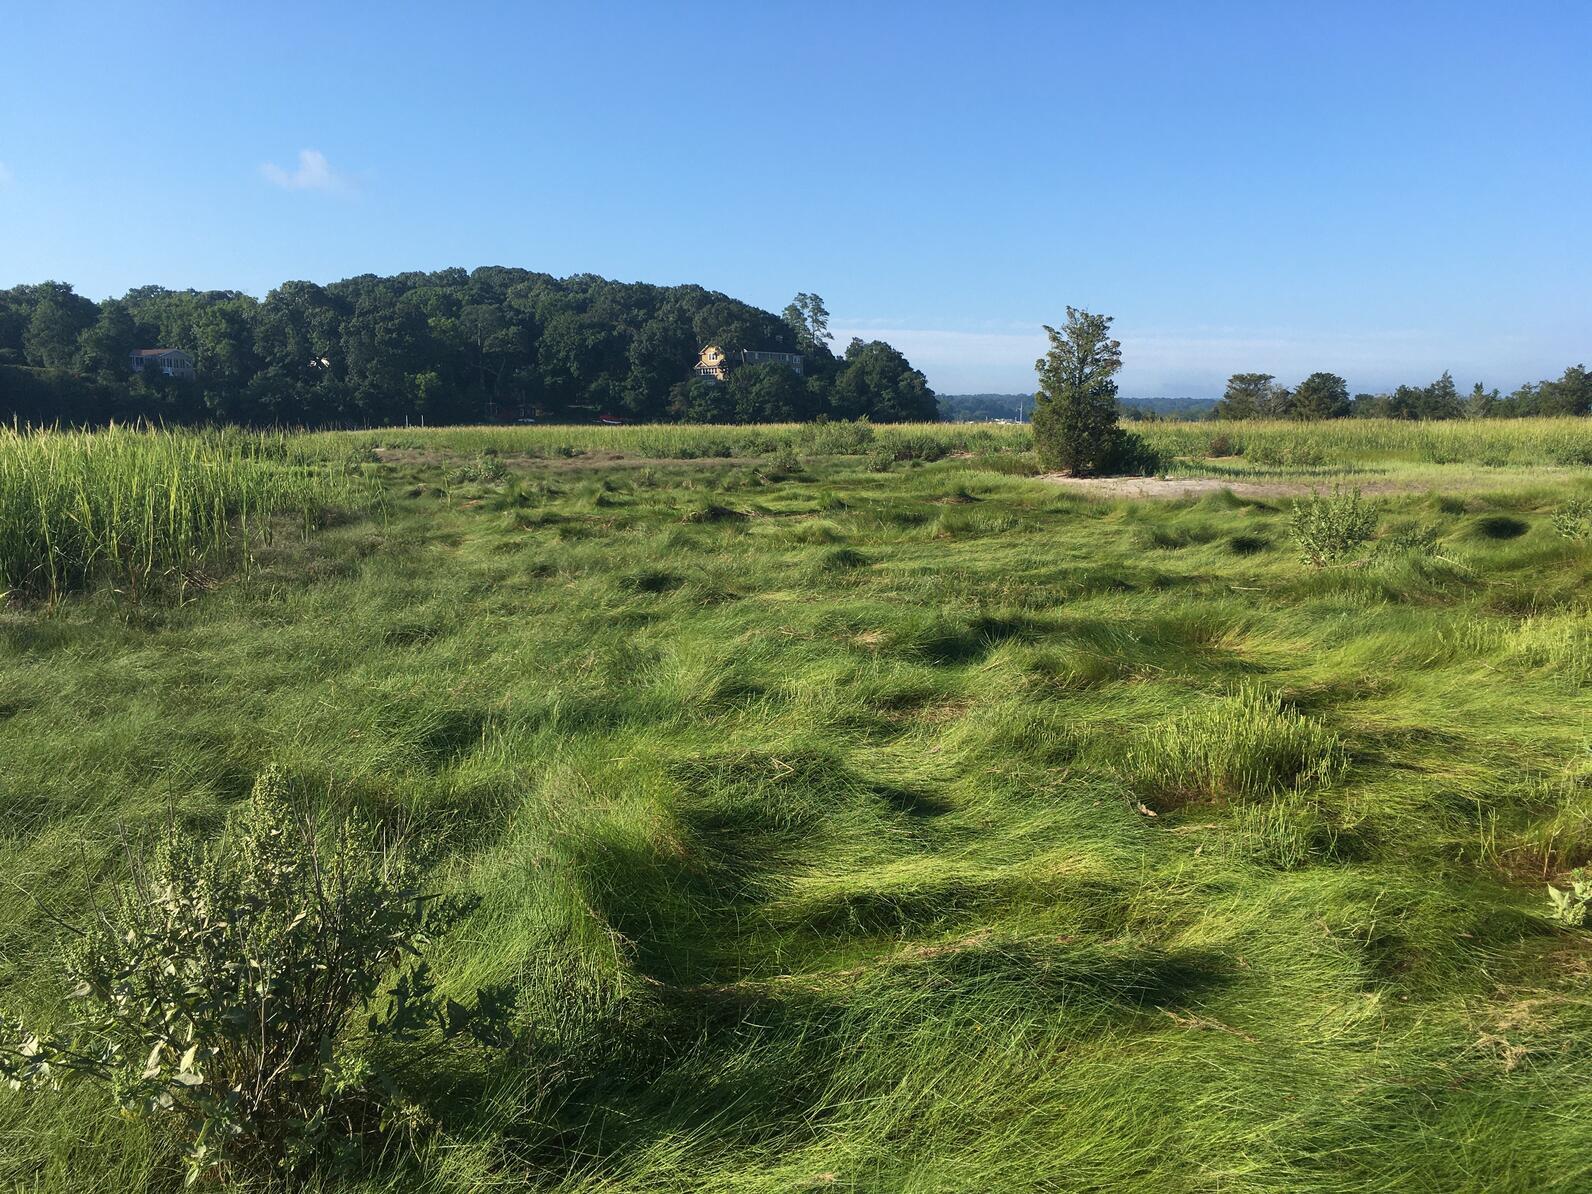 High marsh habitat in Stony Brook Harbor, NY.